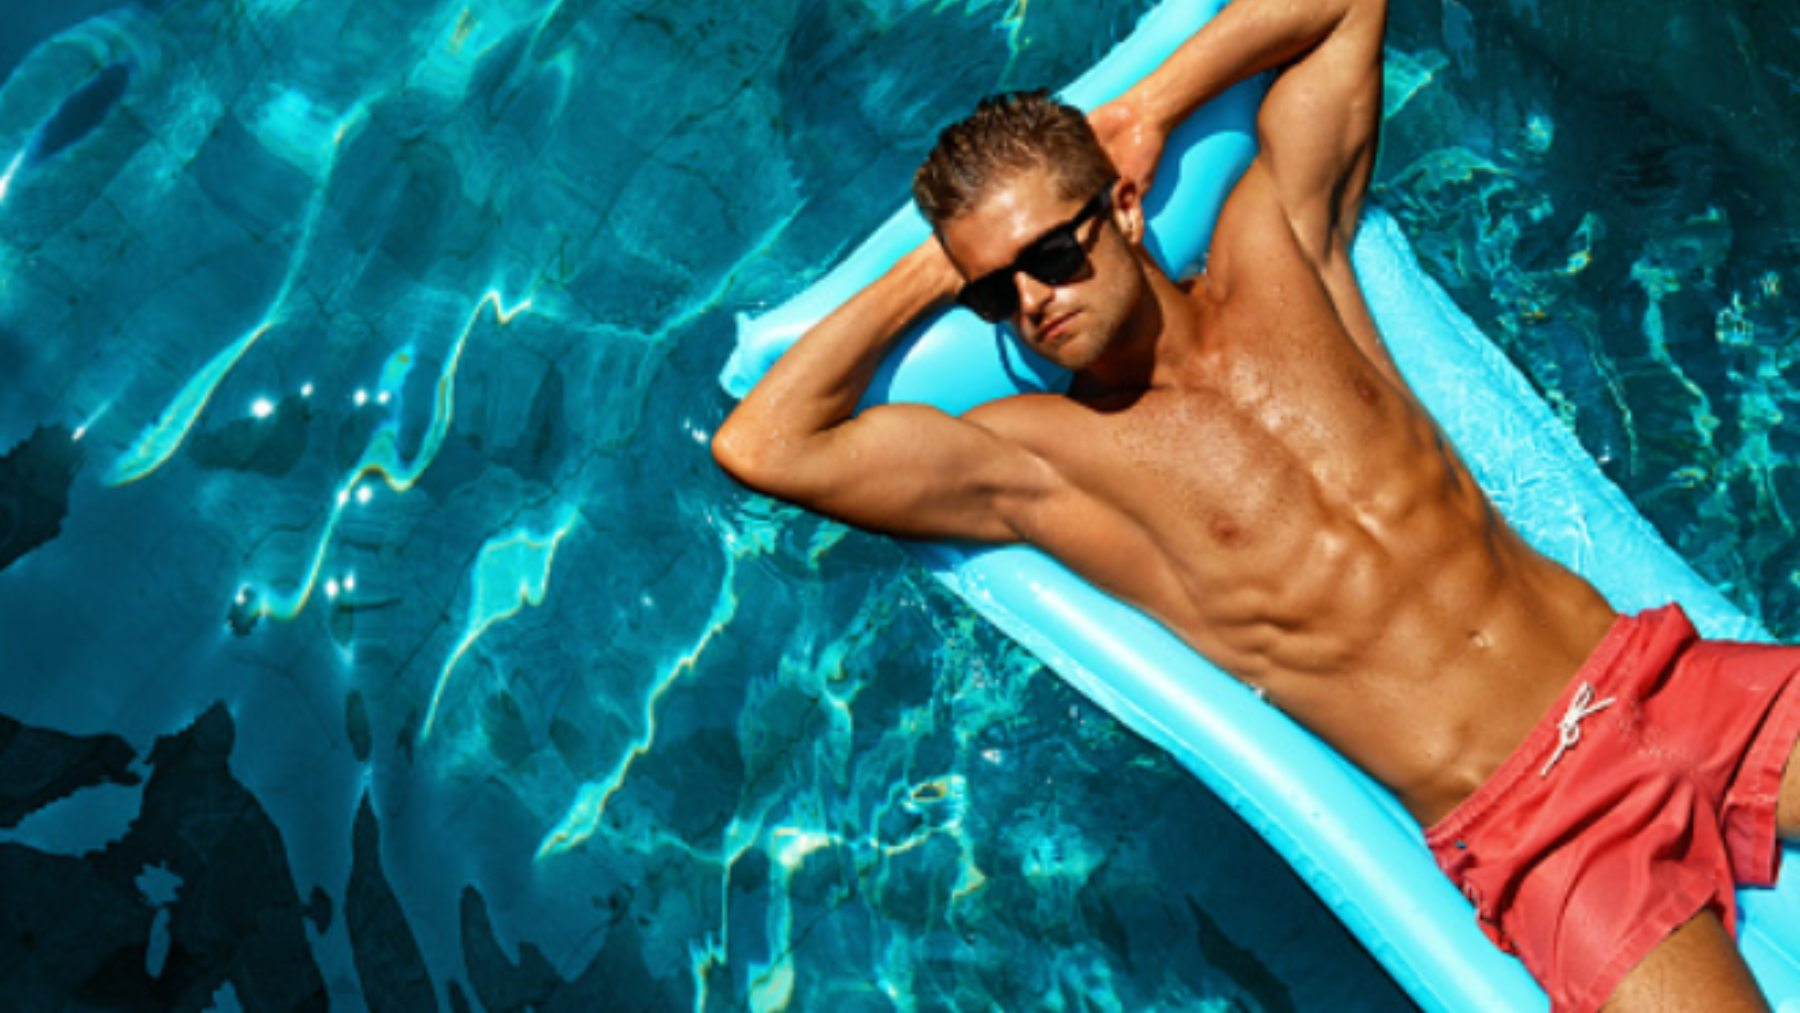 Primark se corona como la 'low cost' del verano con esta colección de bañadores a 6 euros